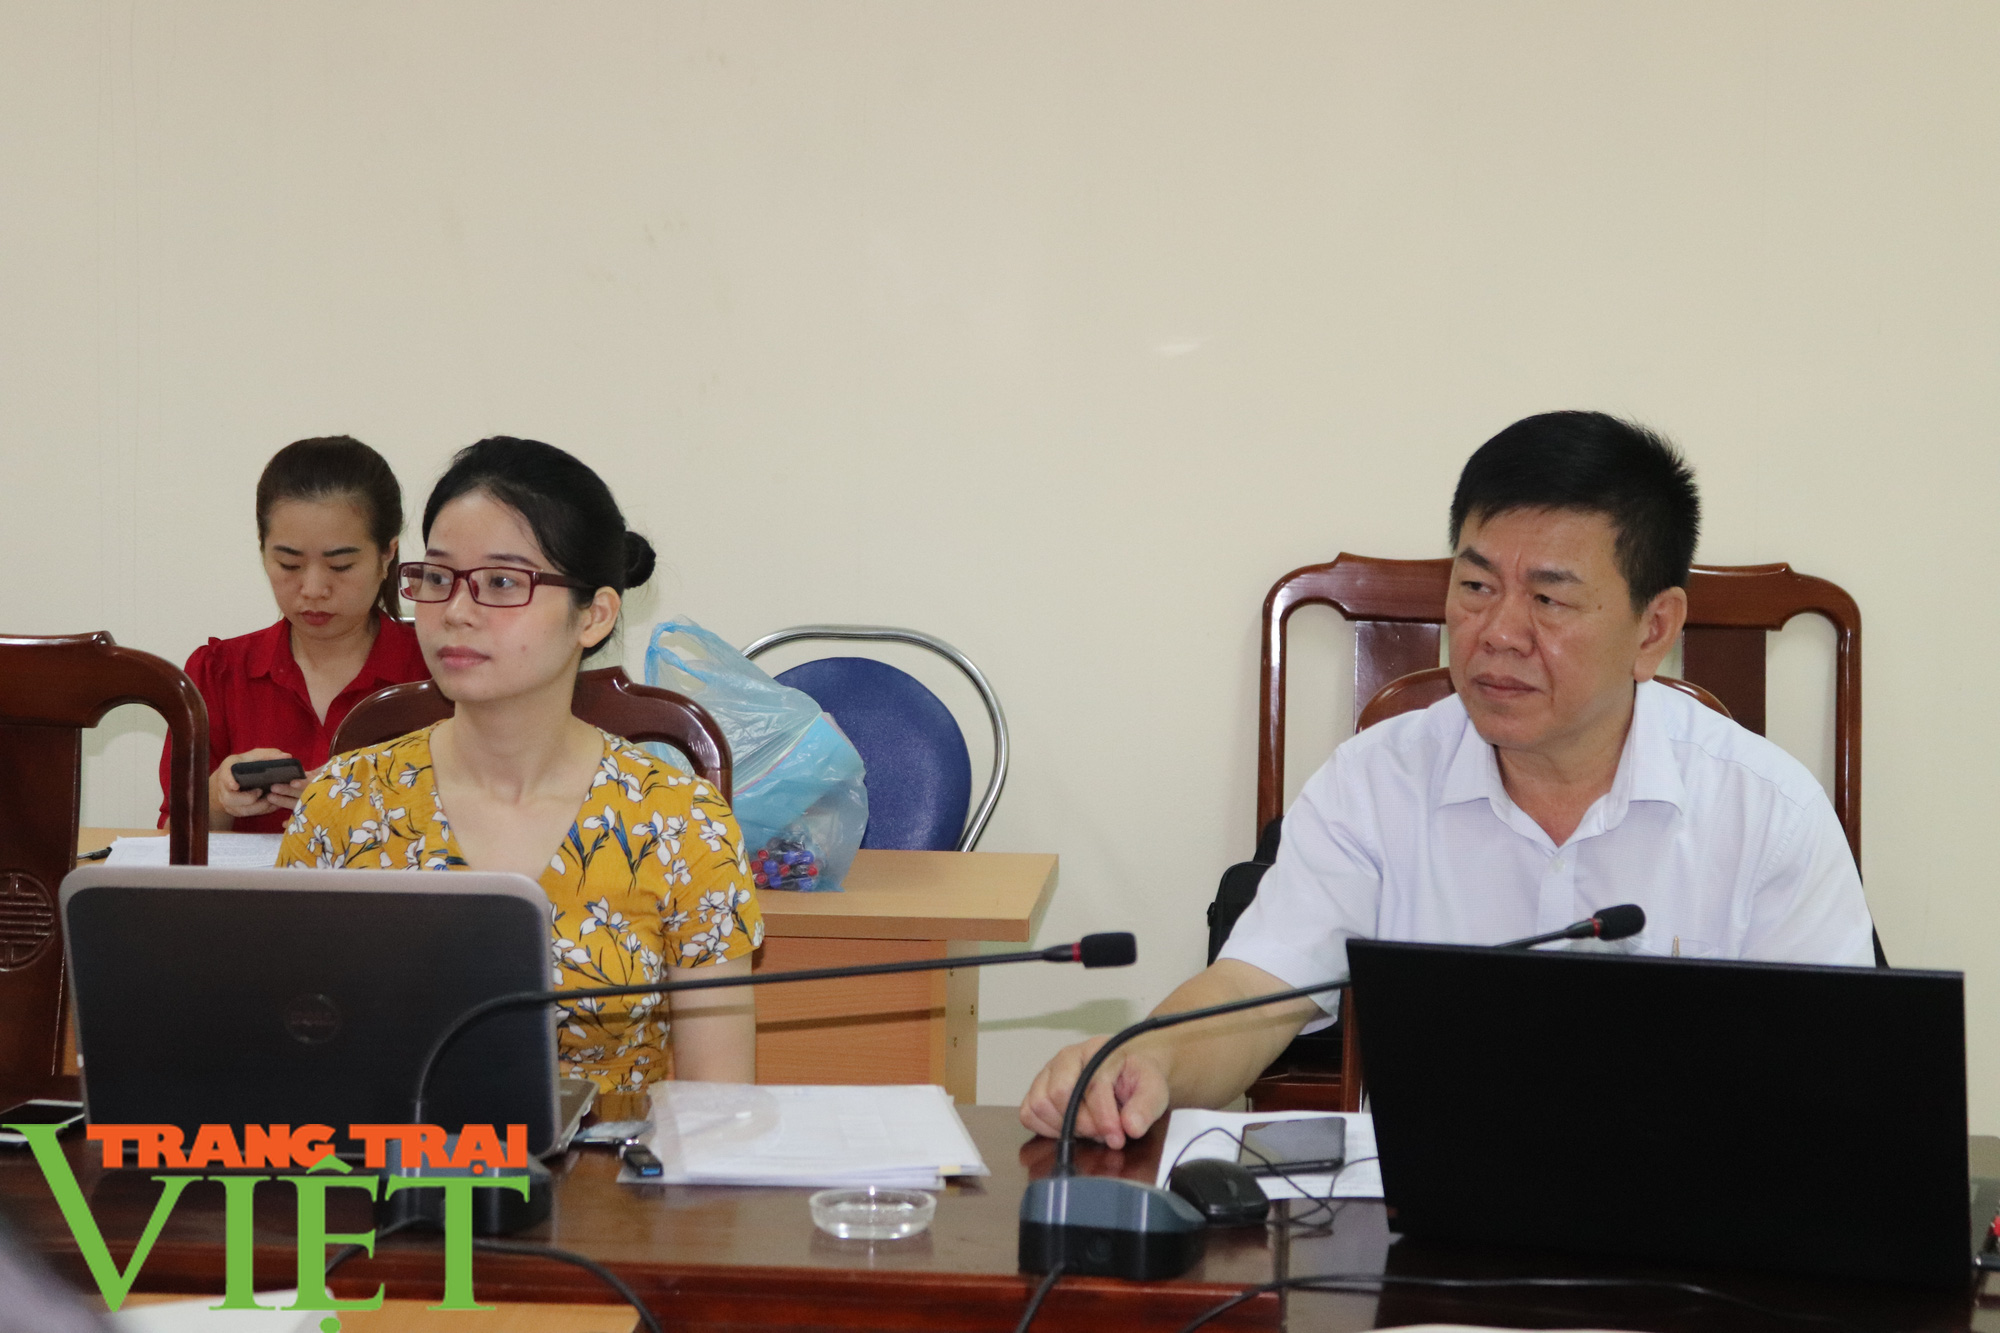 Hội Nông dân tỉnh Sơn La tập huấn kỹ năng viết đề xuất và quản lý vốn tài trợ nhỏ - Ảnh 3.